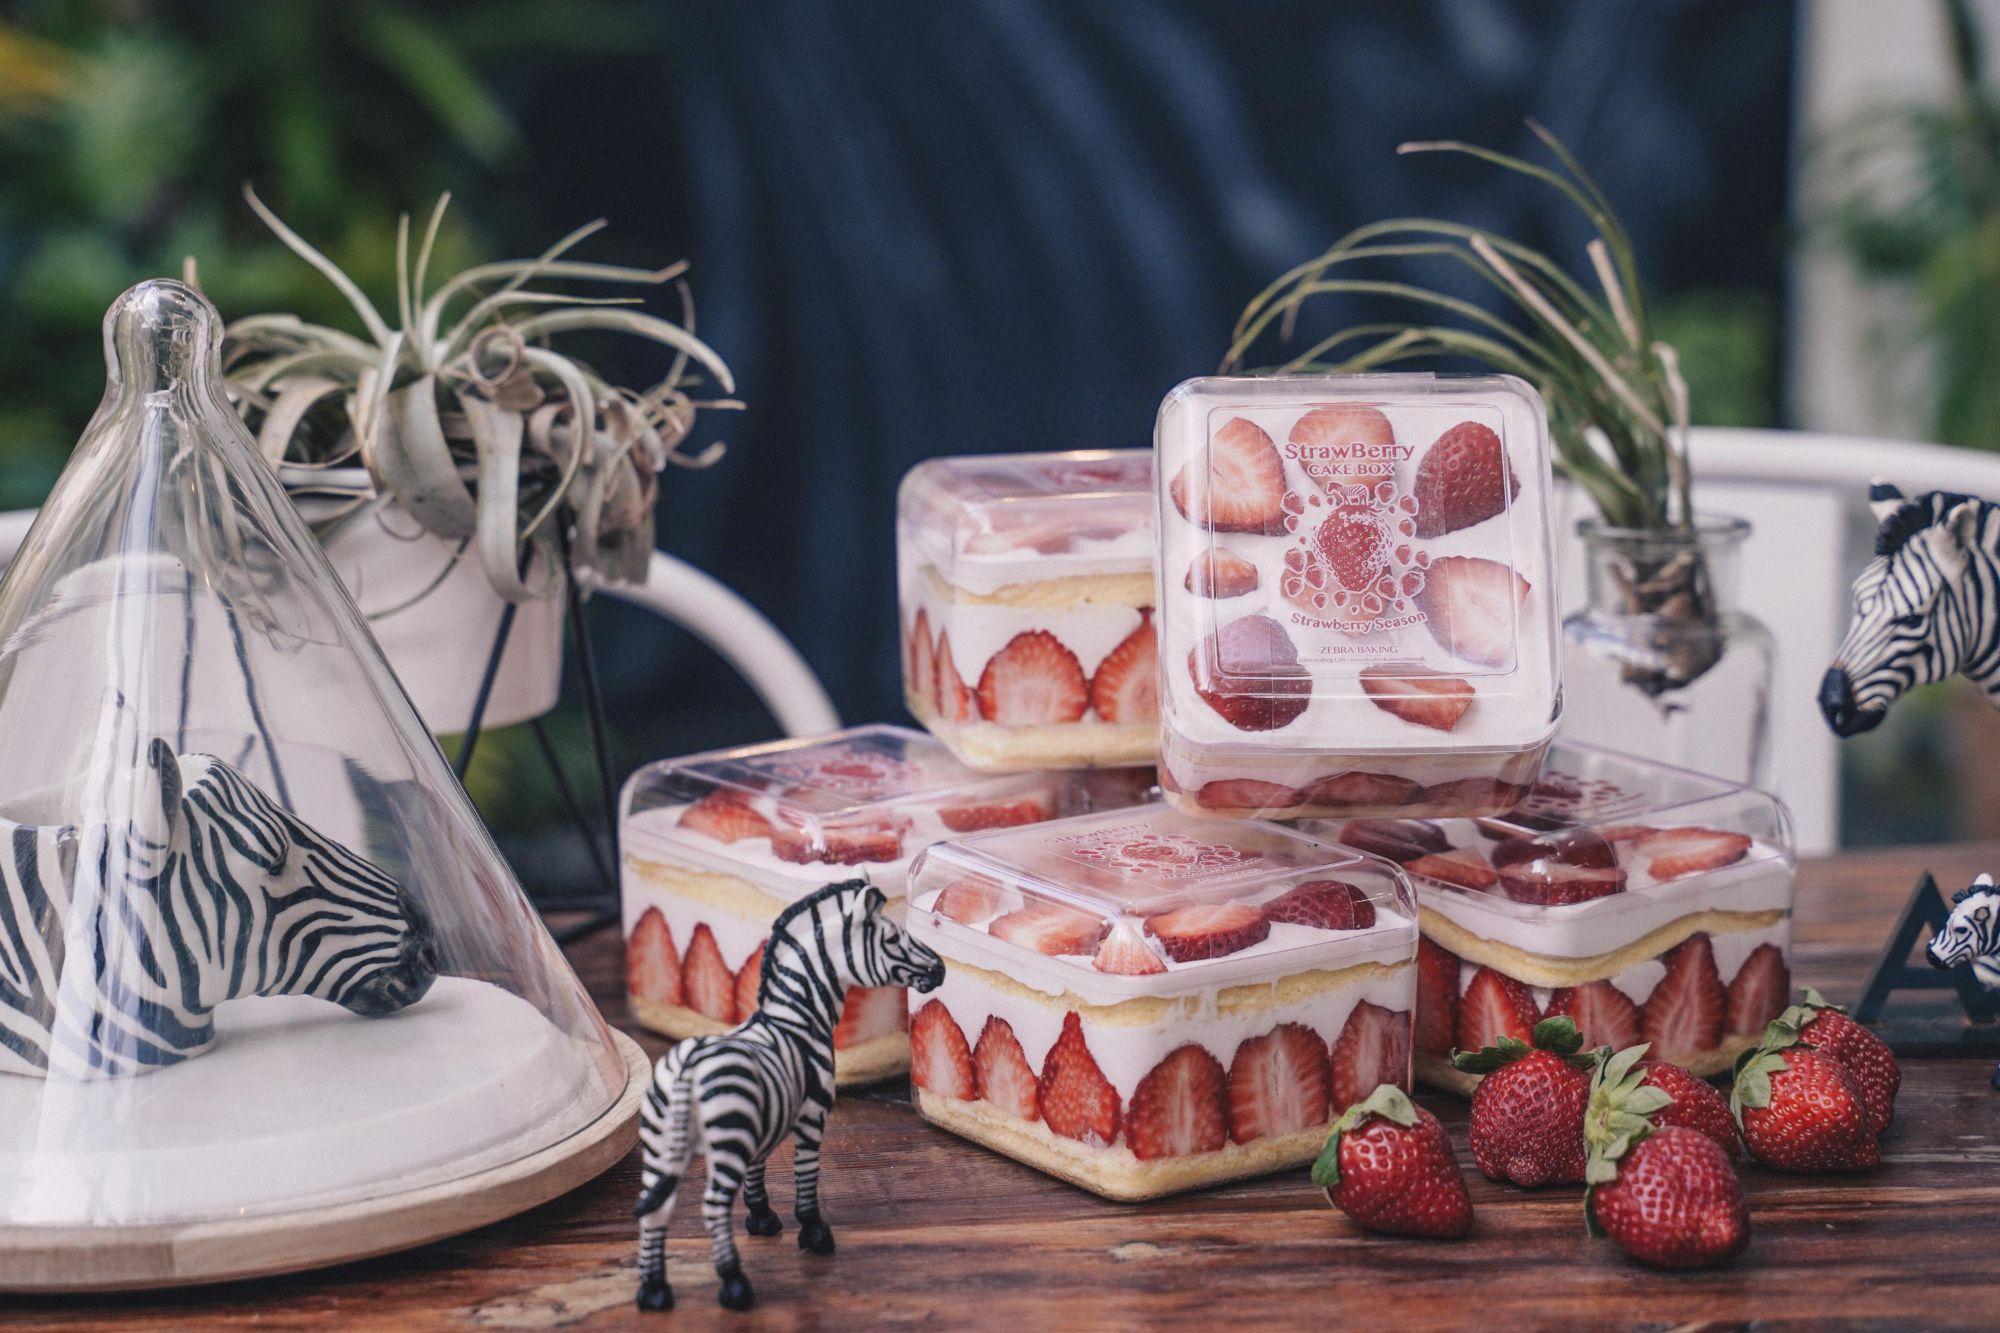 誠品生活耶誕市集 斑馬散步咖啡 草莓巴克斯 特價220元 